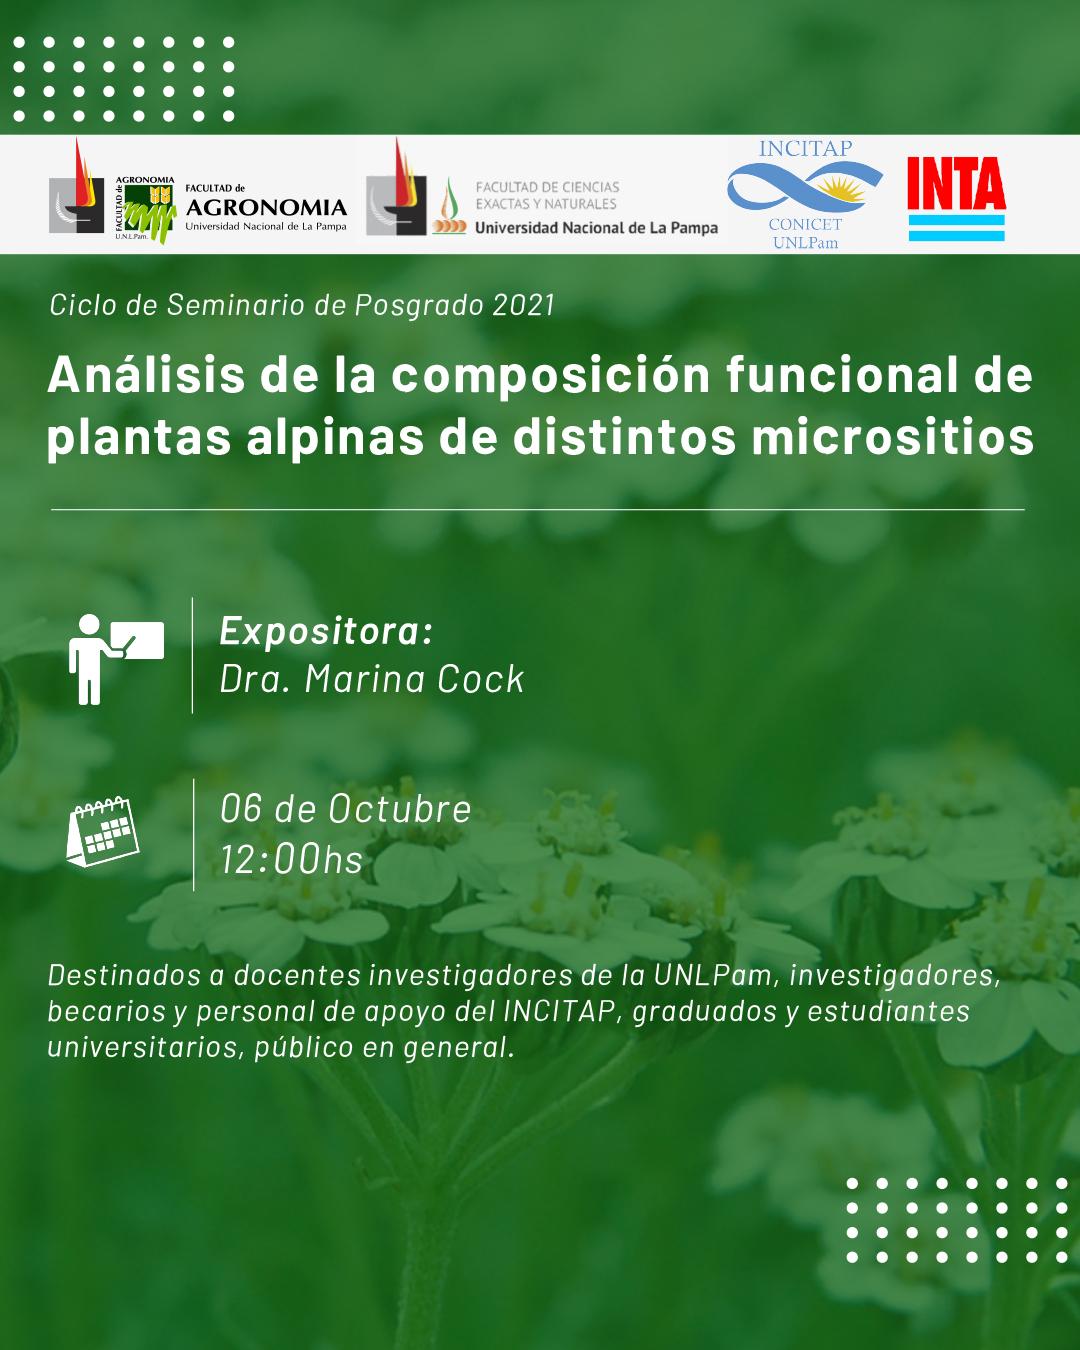 Análisis de la composición funcional de plantas alpinas de distintos micrositios